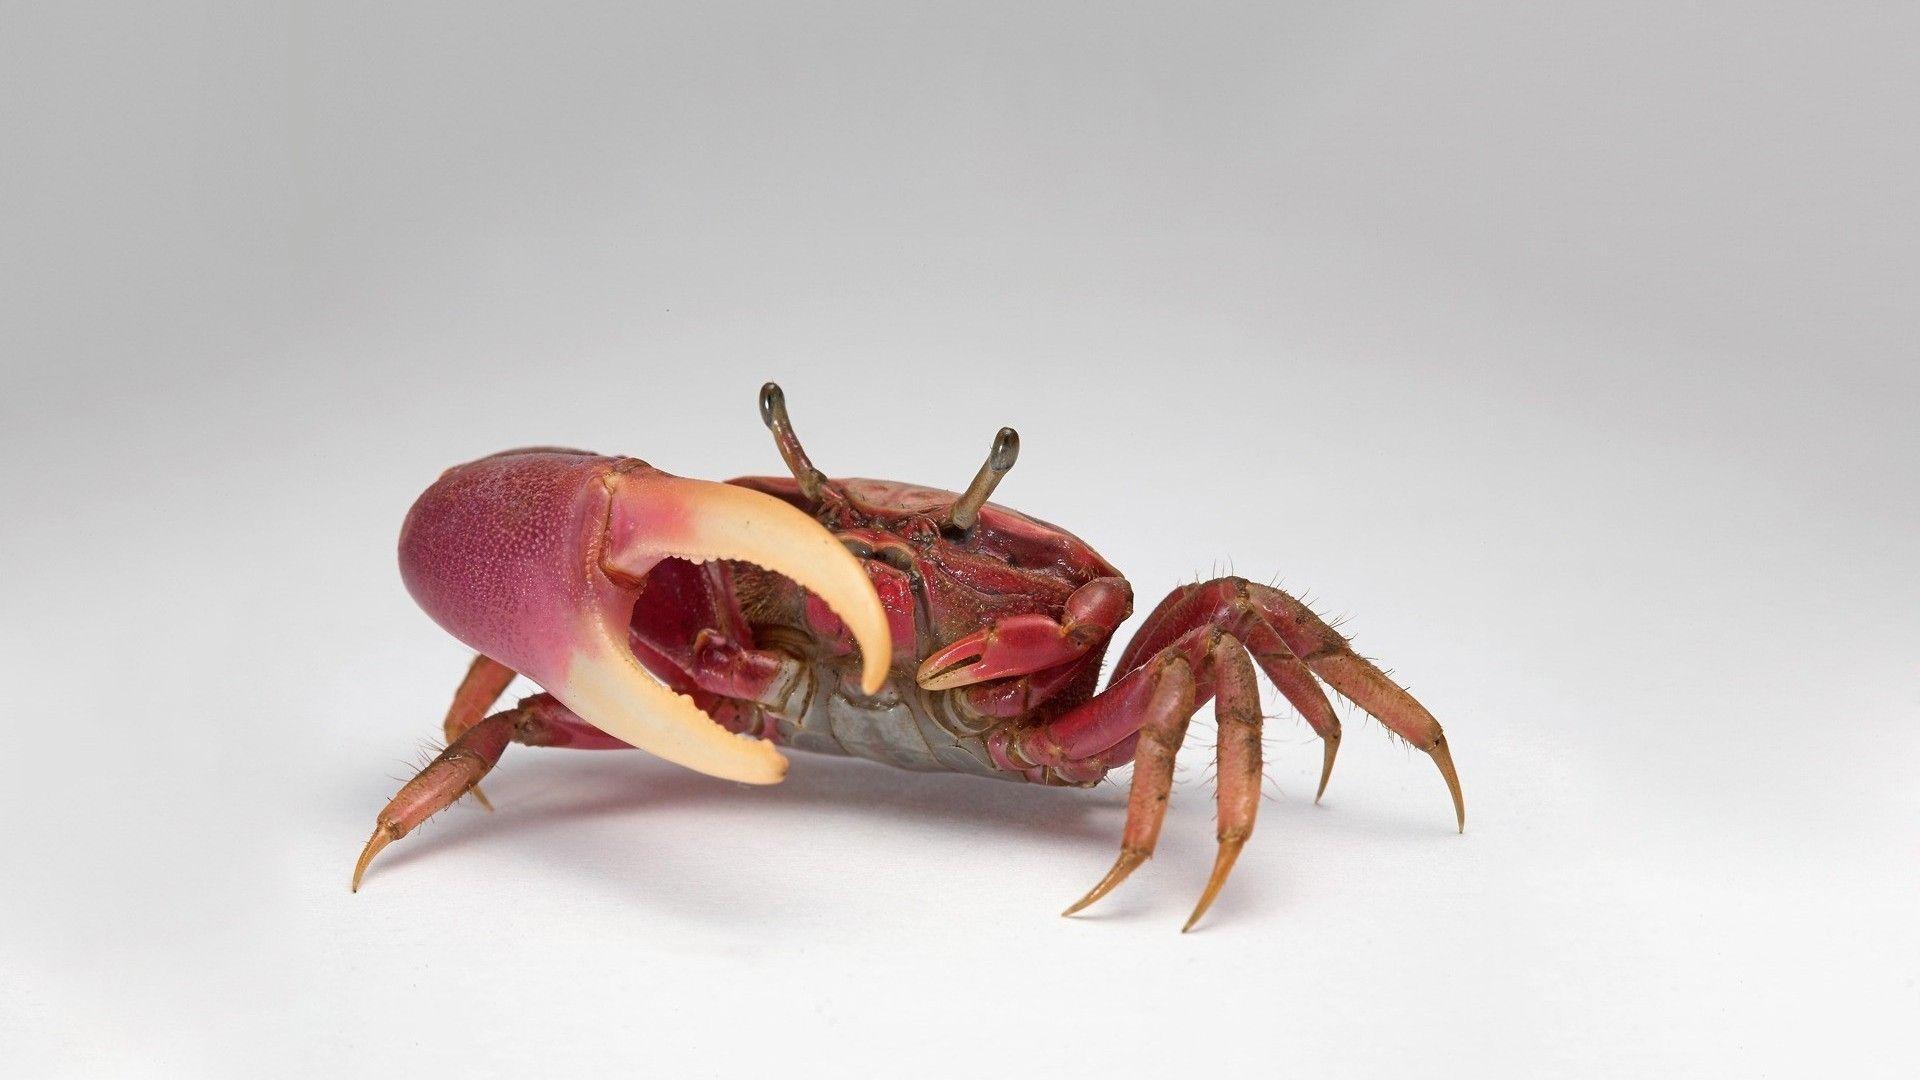 Crab HD Desktop Wallpaper